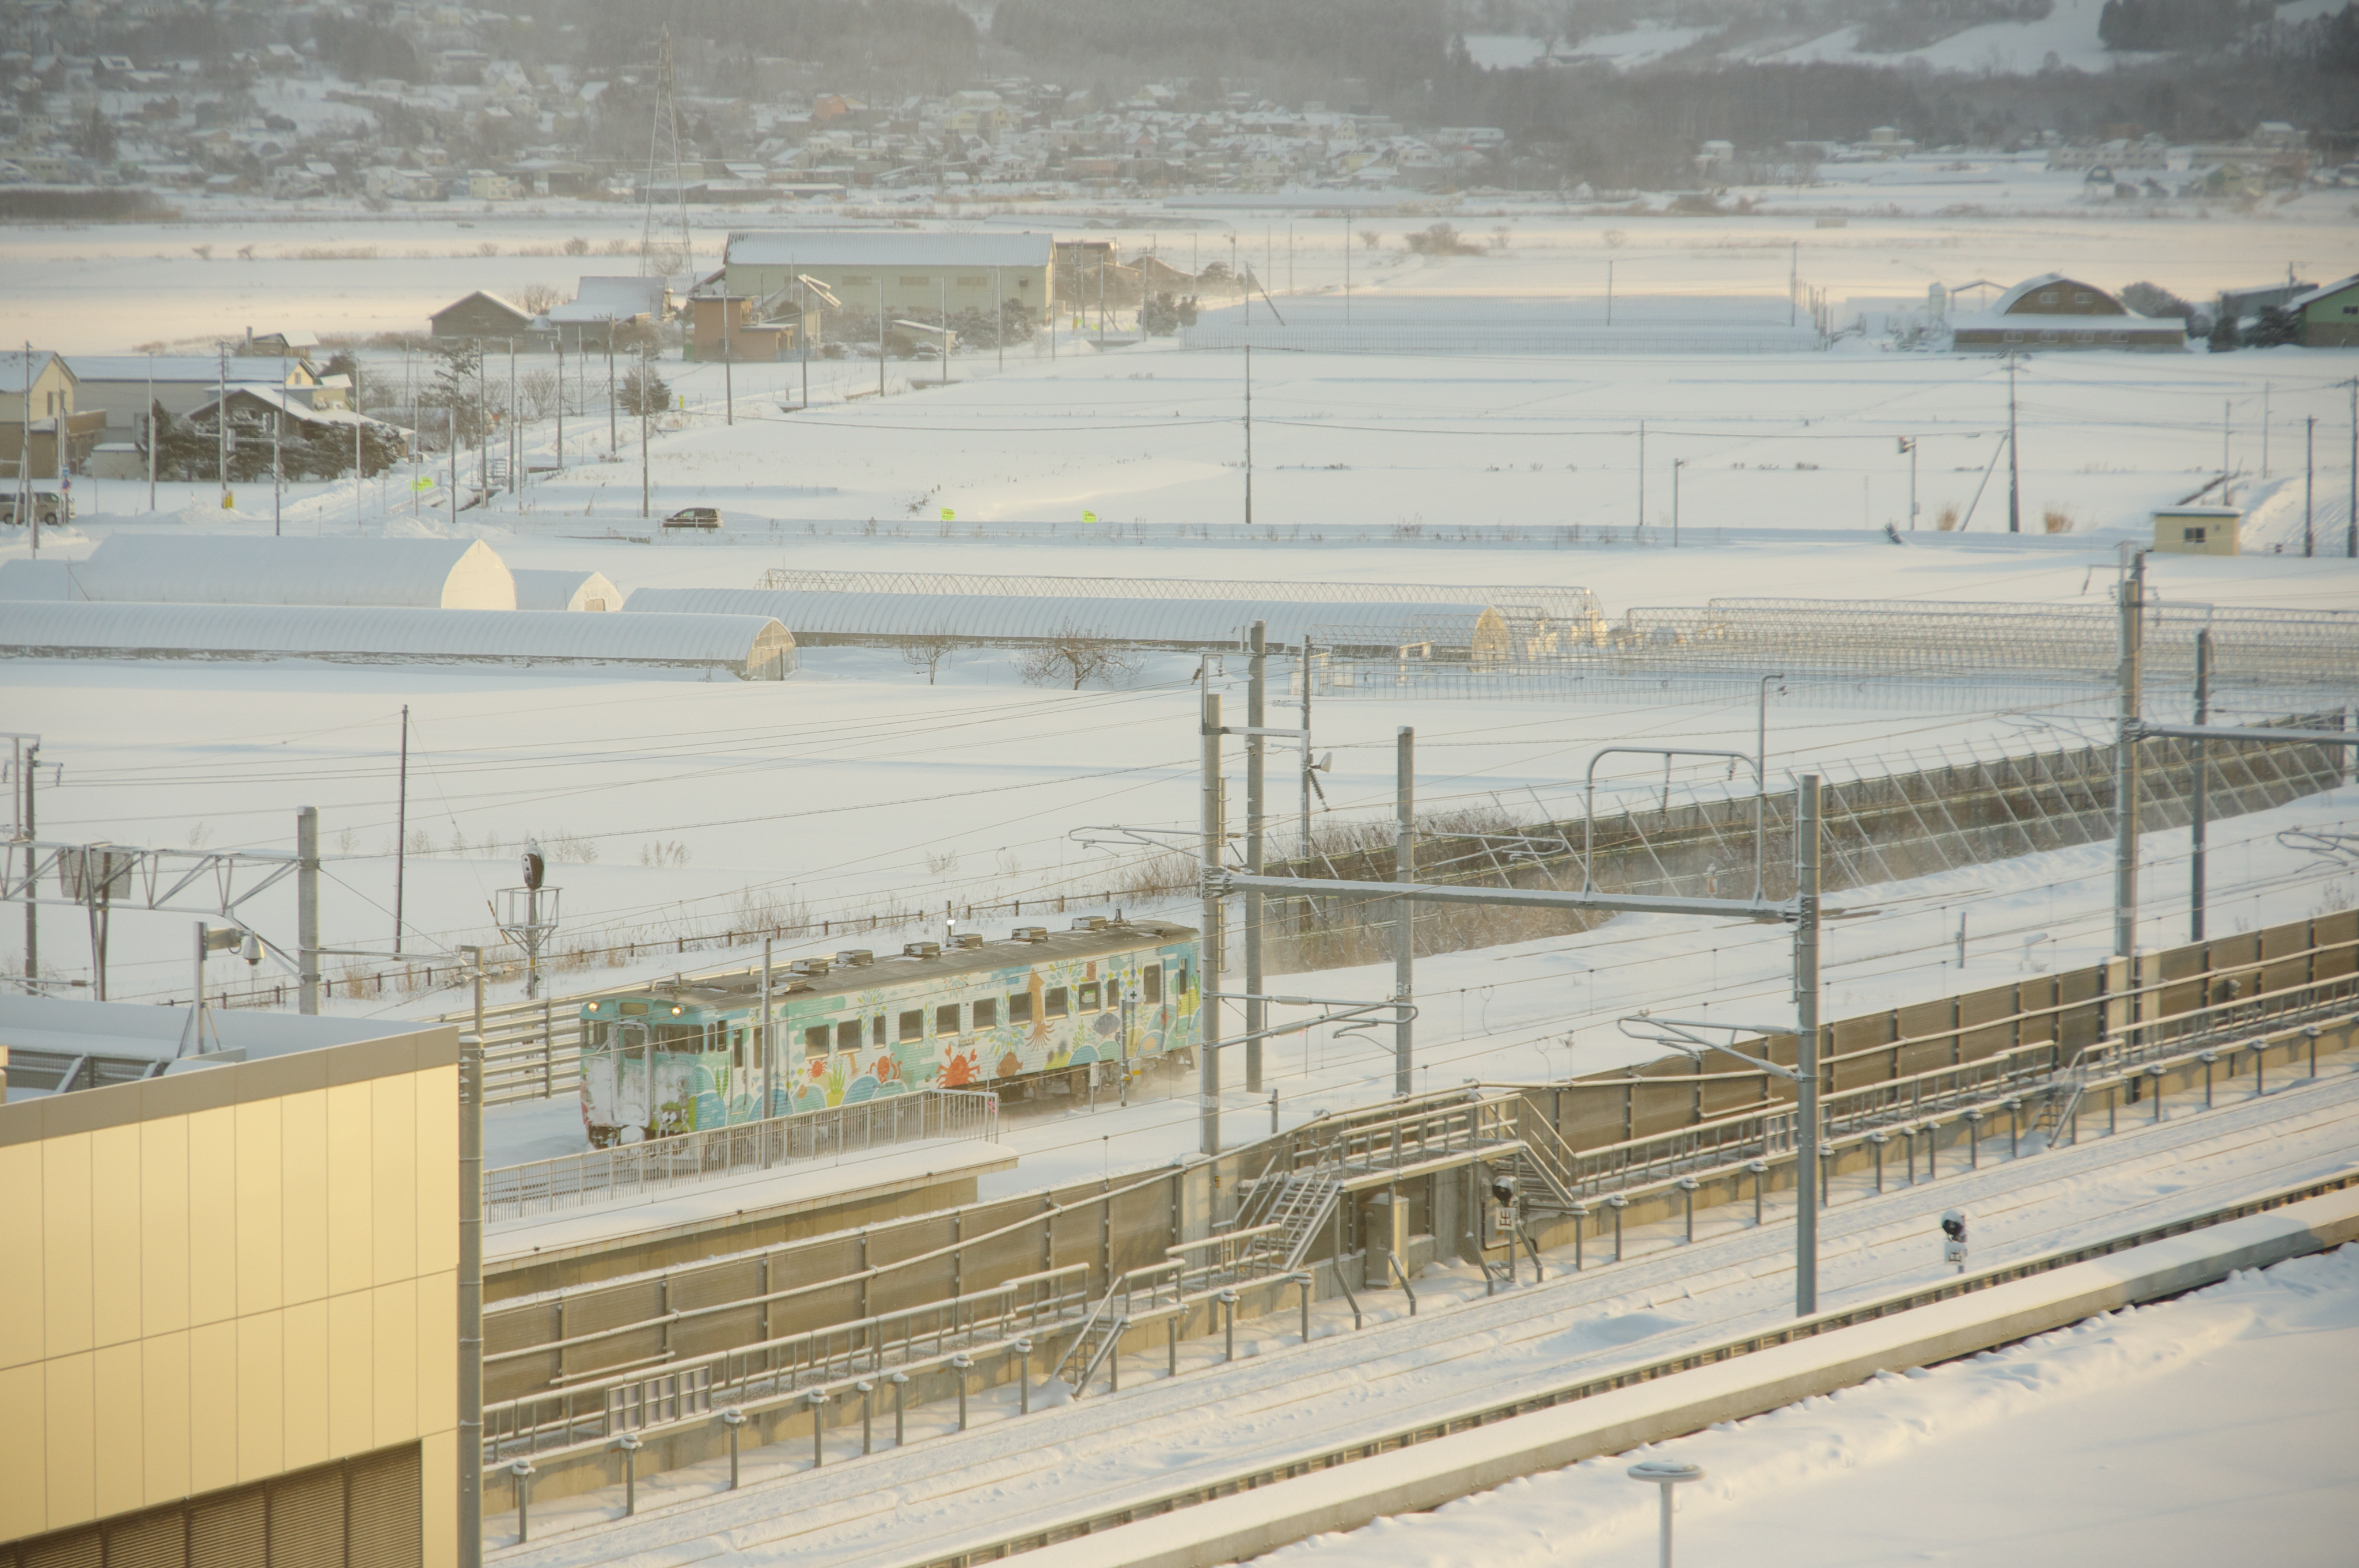 ホテル・ラ・ジェント・プラザ函館北斗 トレインビュープラン 4851D キハ40 海の恵み.jpg